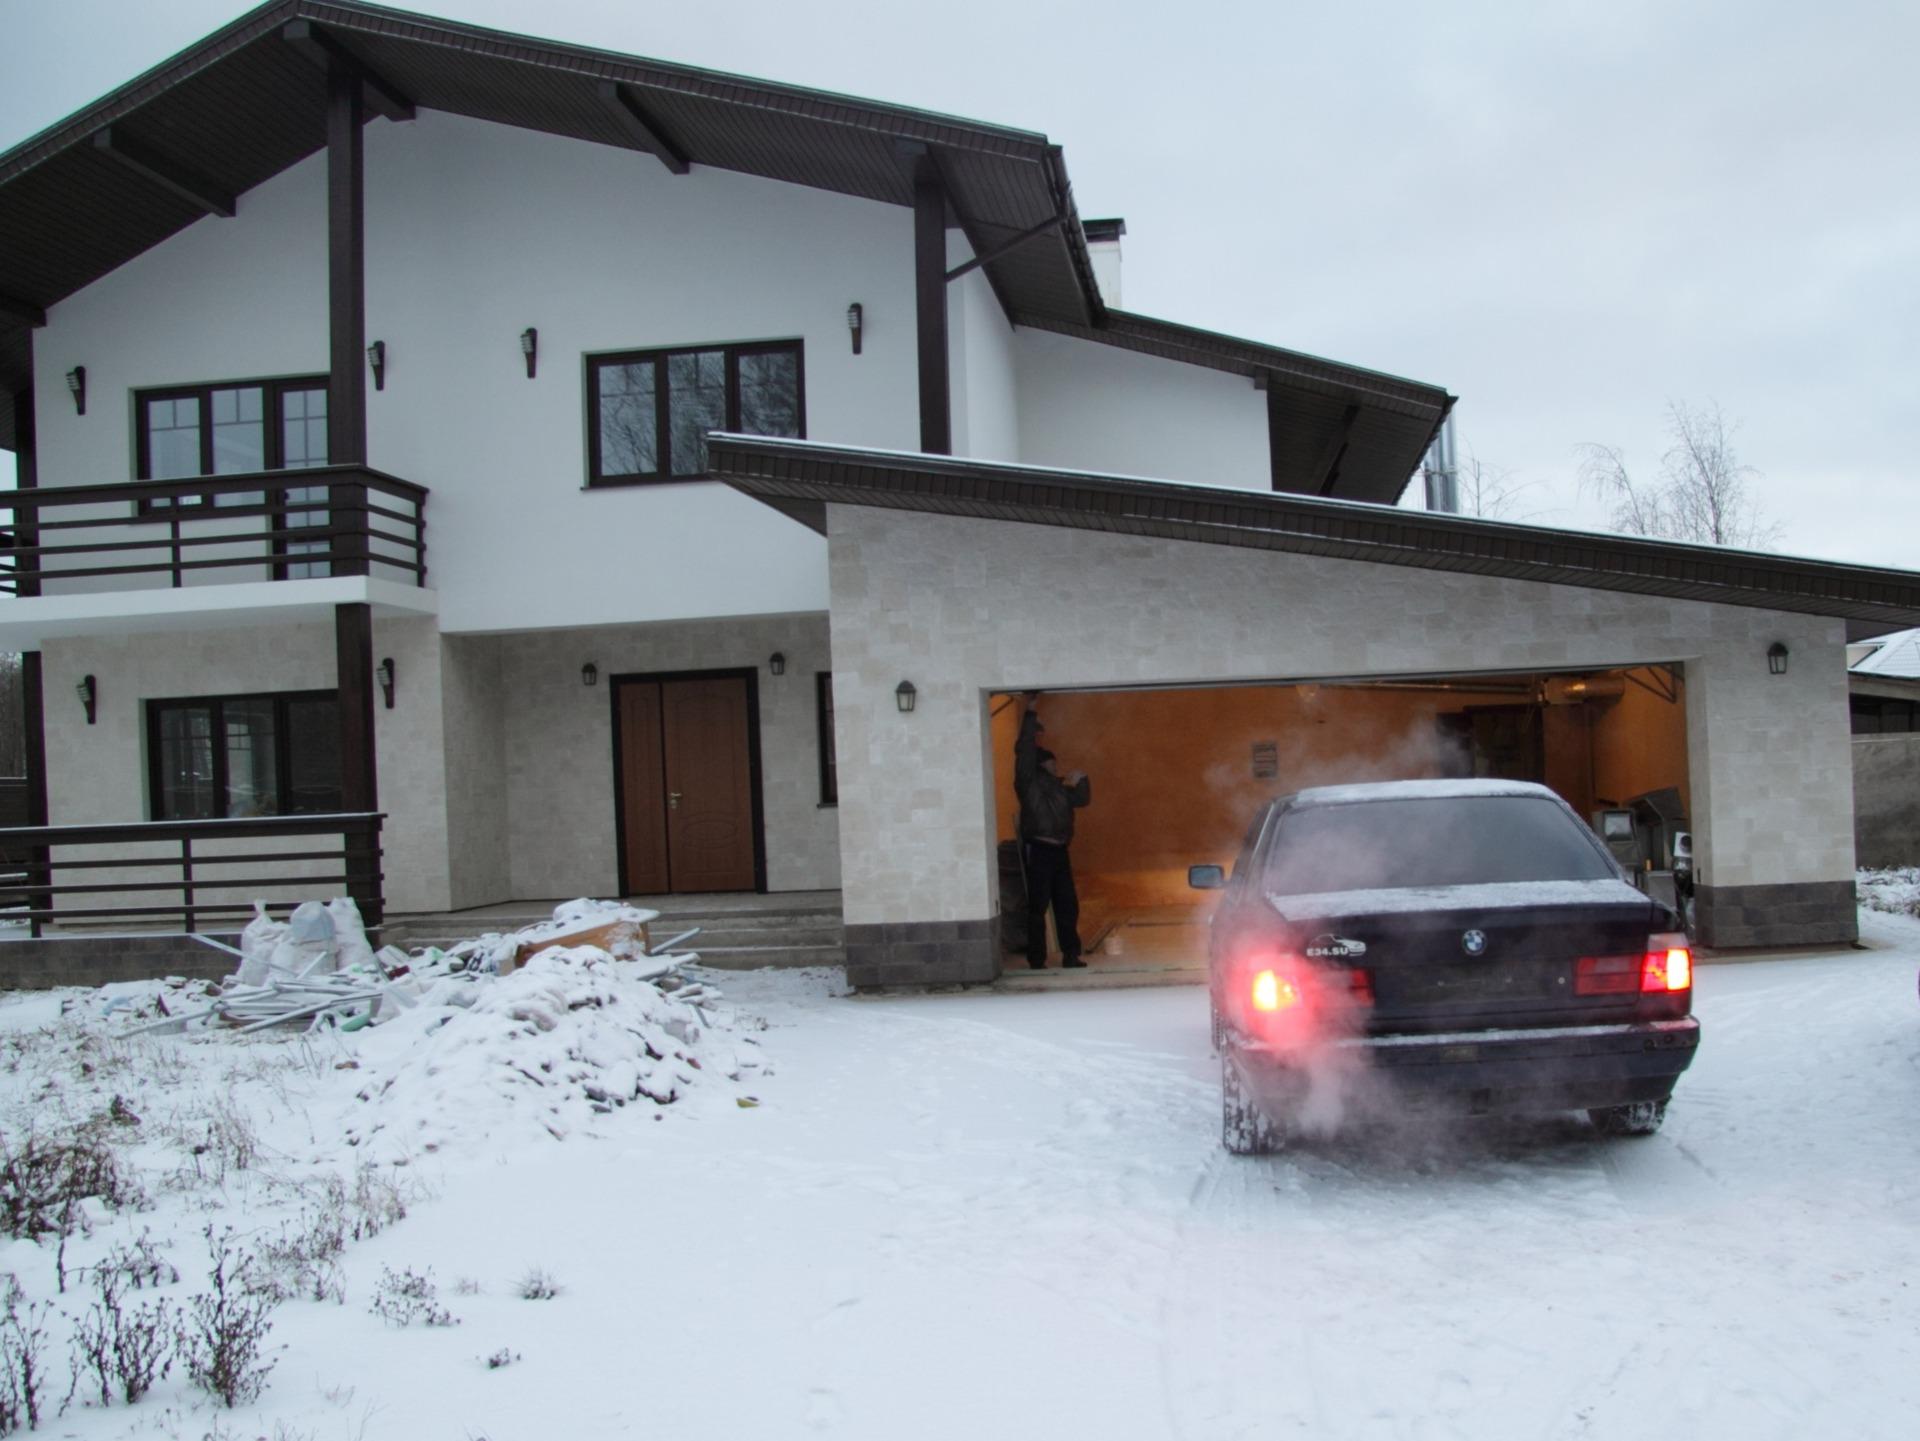 нашим фото гаражей и домов рядом приготовить